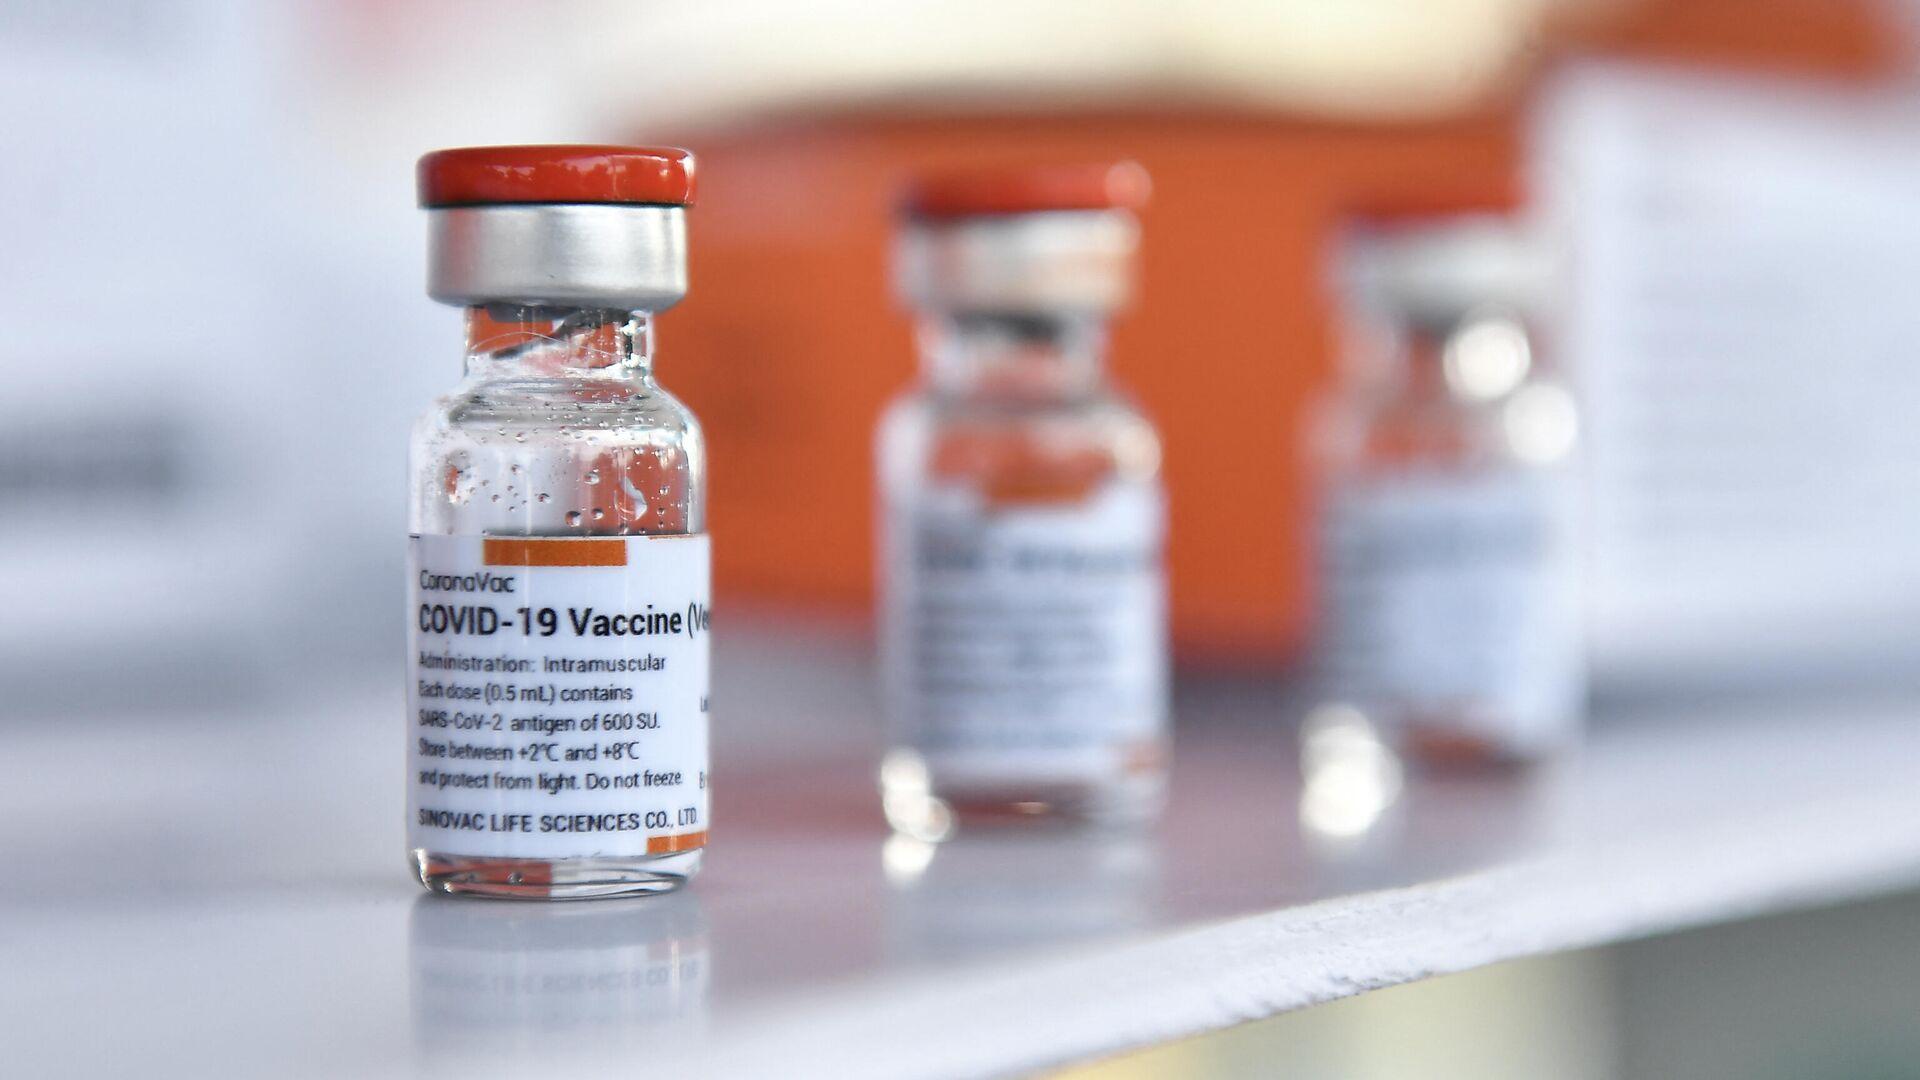 Флаконы с вакциной CoronaVac, разработанной китайской фирмой Sinovac - Sputnik Таджикистан, 1920, 01.06.2021